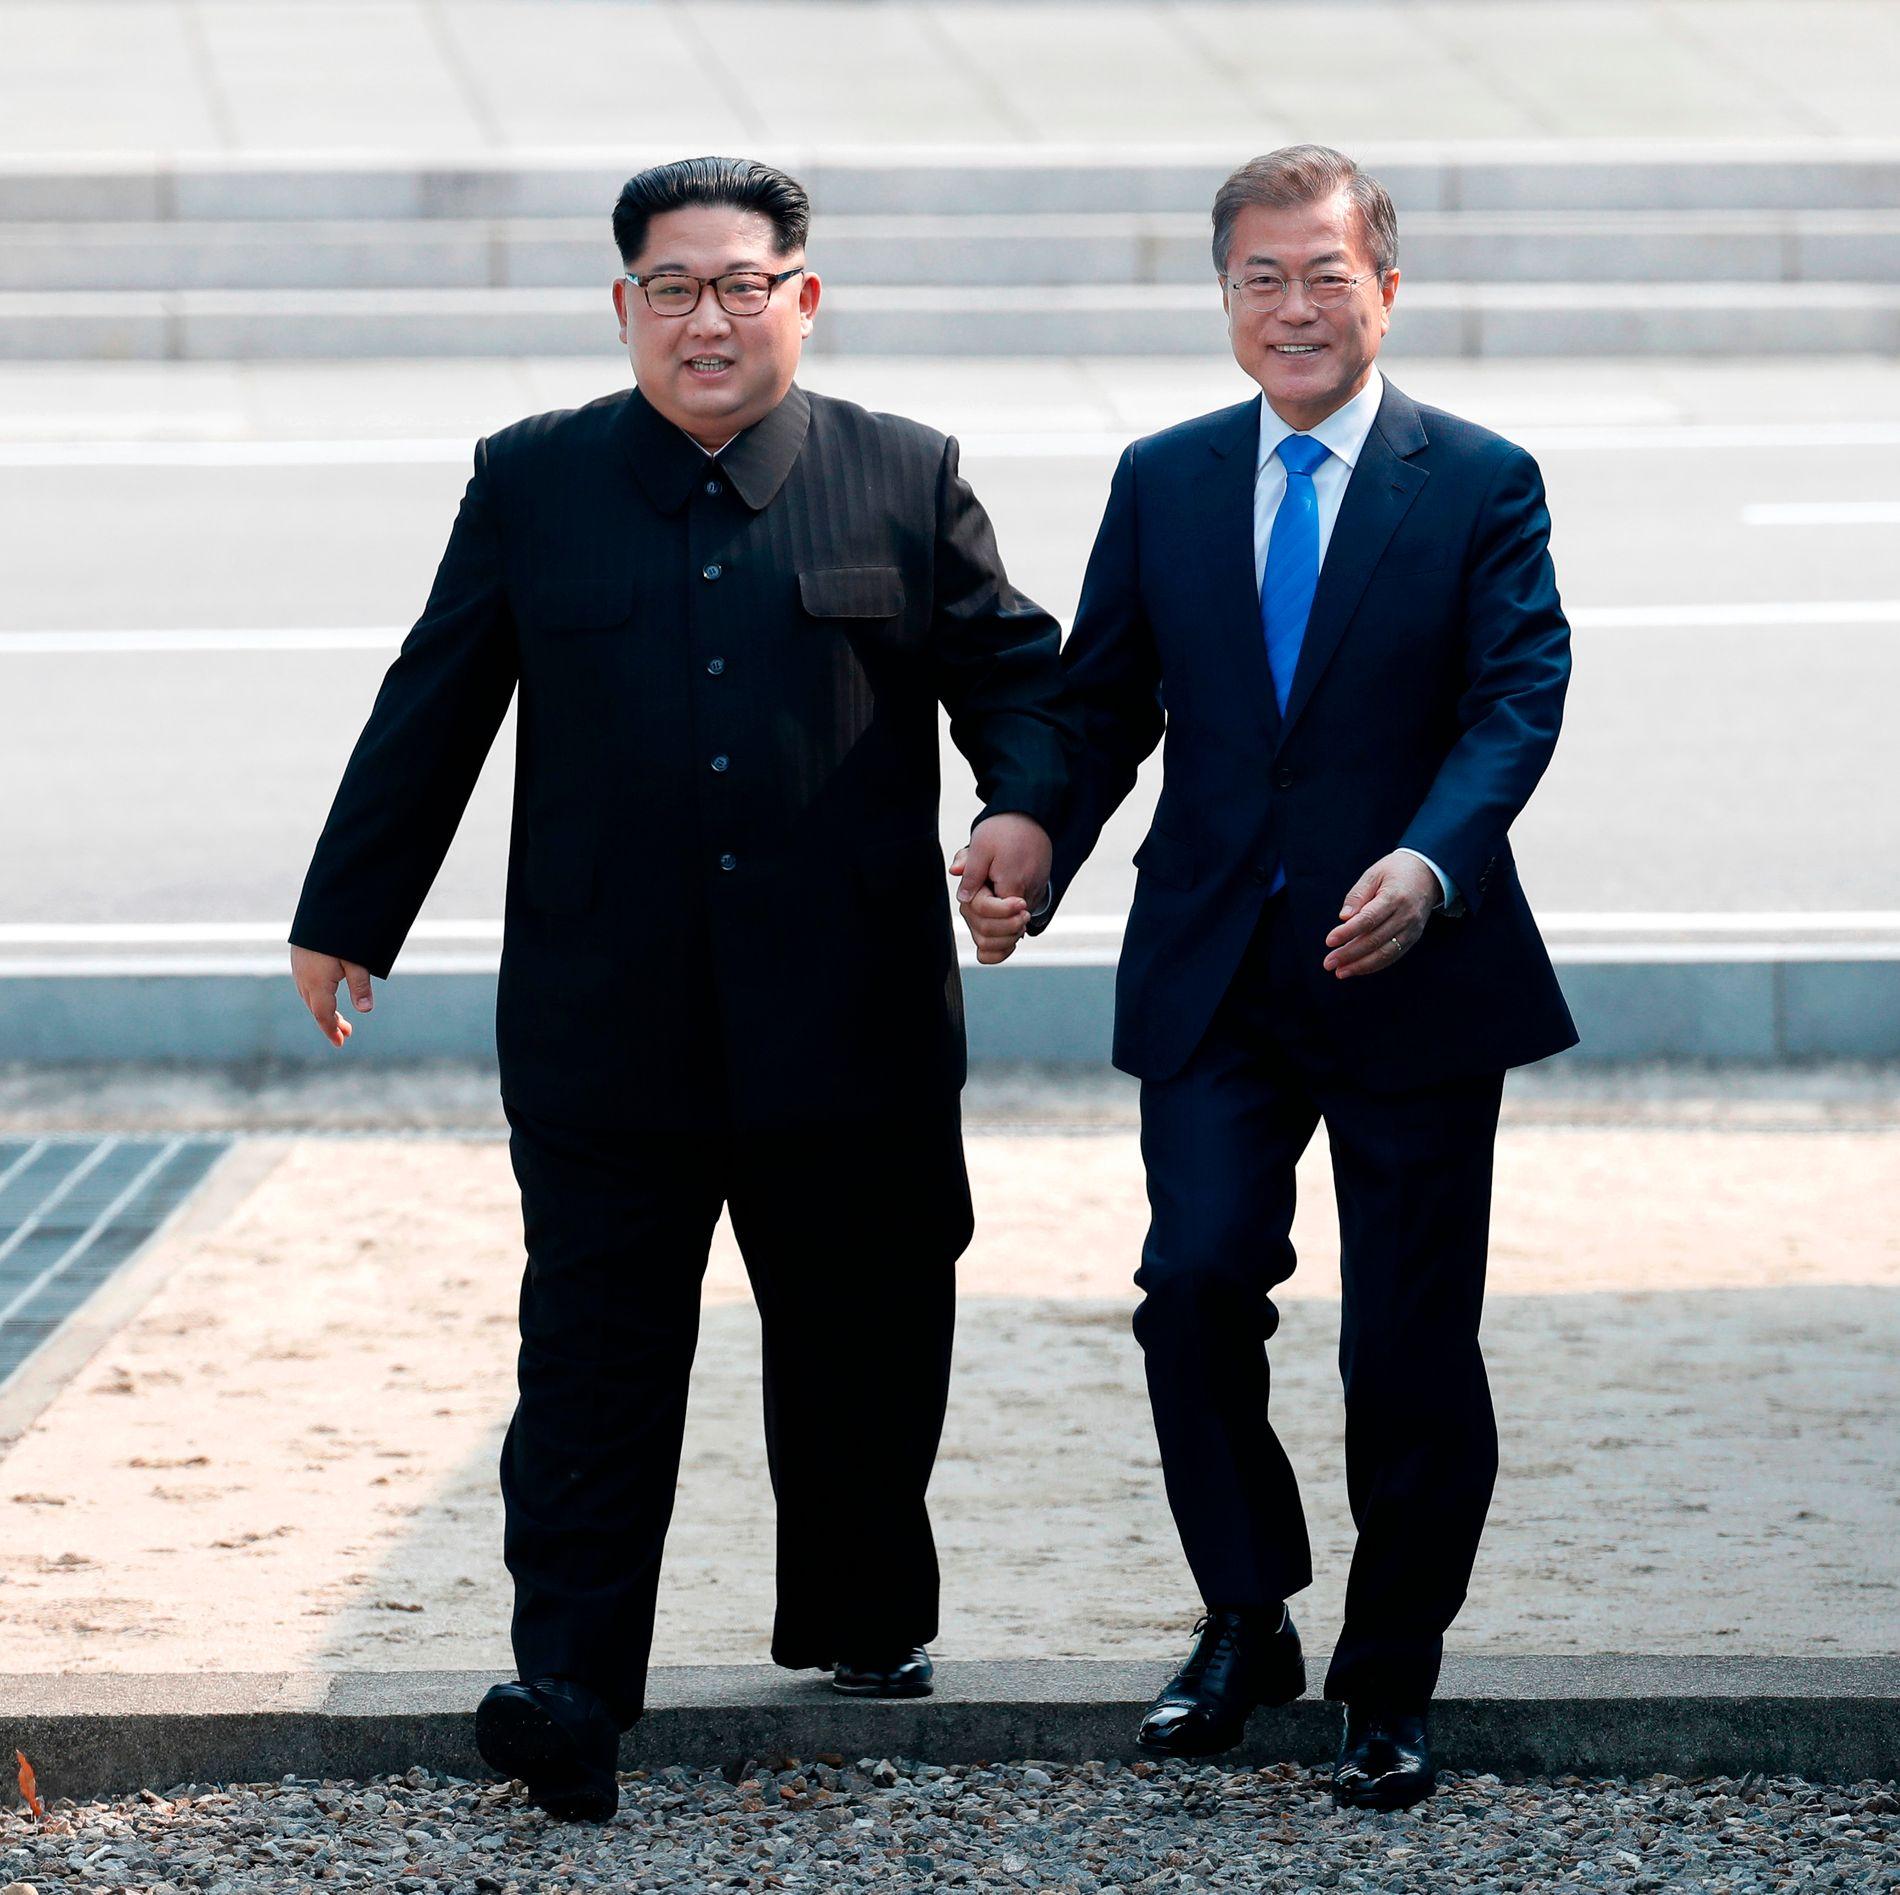 VIKTIG MANN: Sør Koreas president Moon Jae-in får mye av æren for å loset Kim Jong-un inn på den internasjonale arenaen.